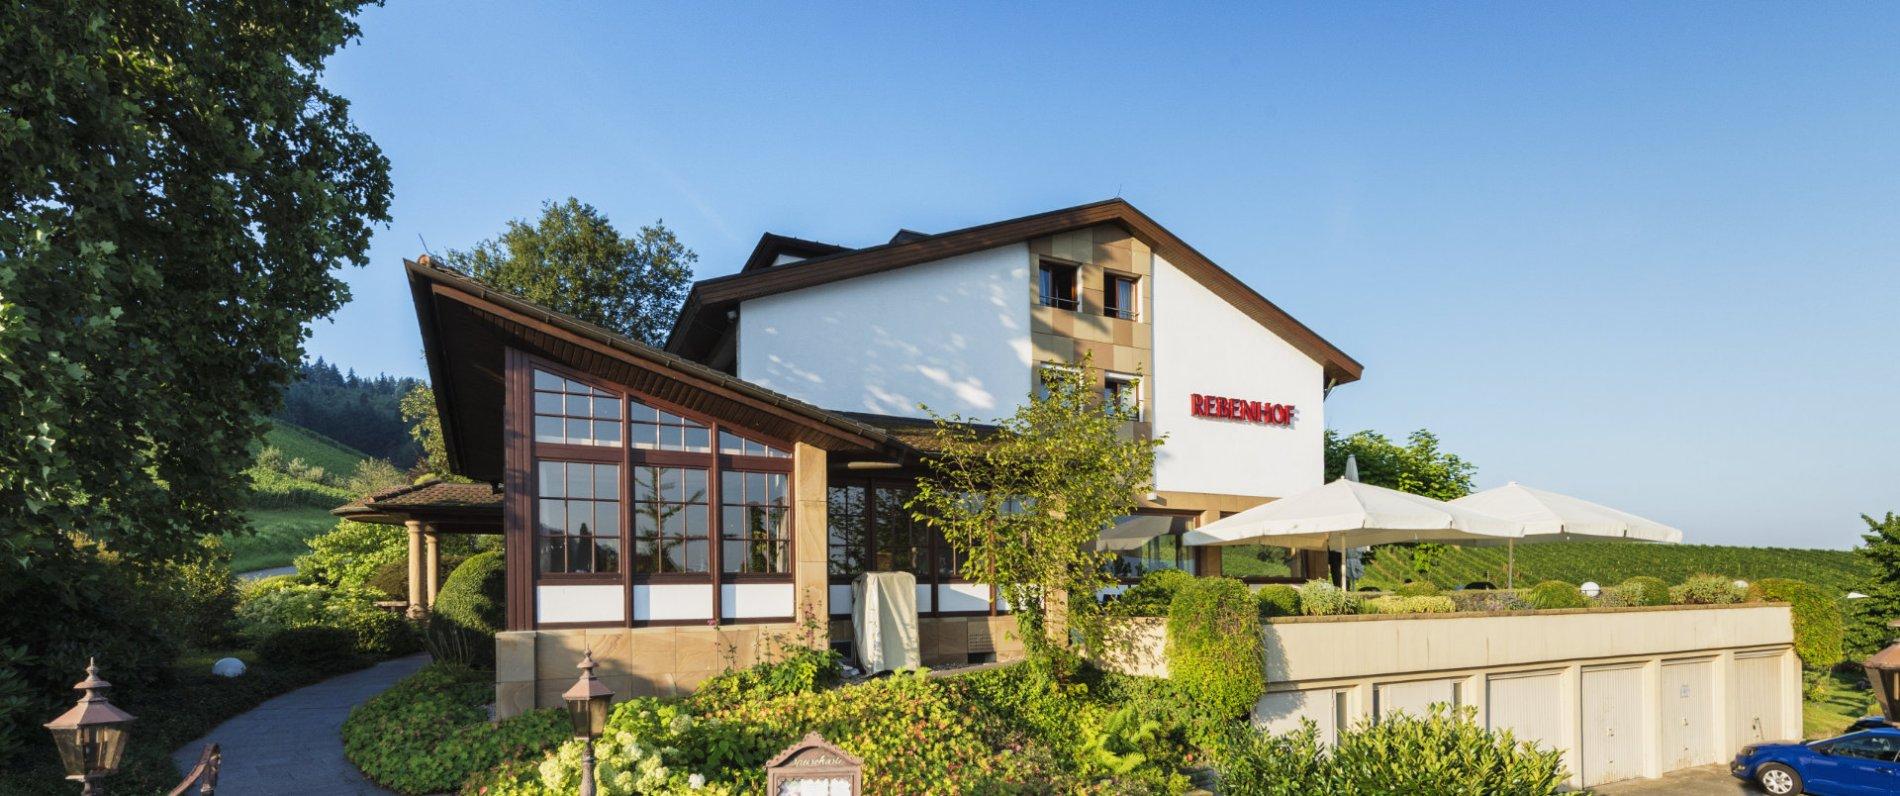 Rebenhof Hotel